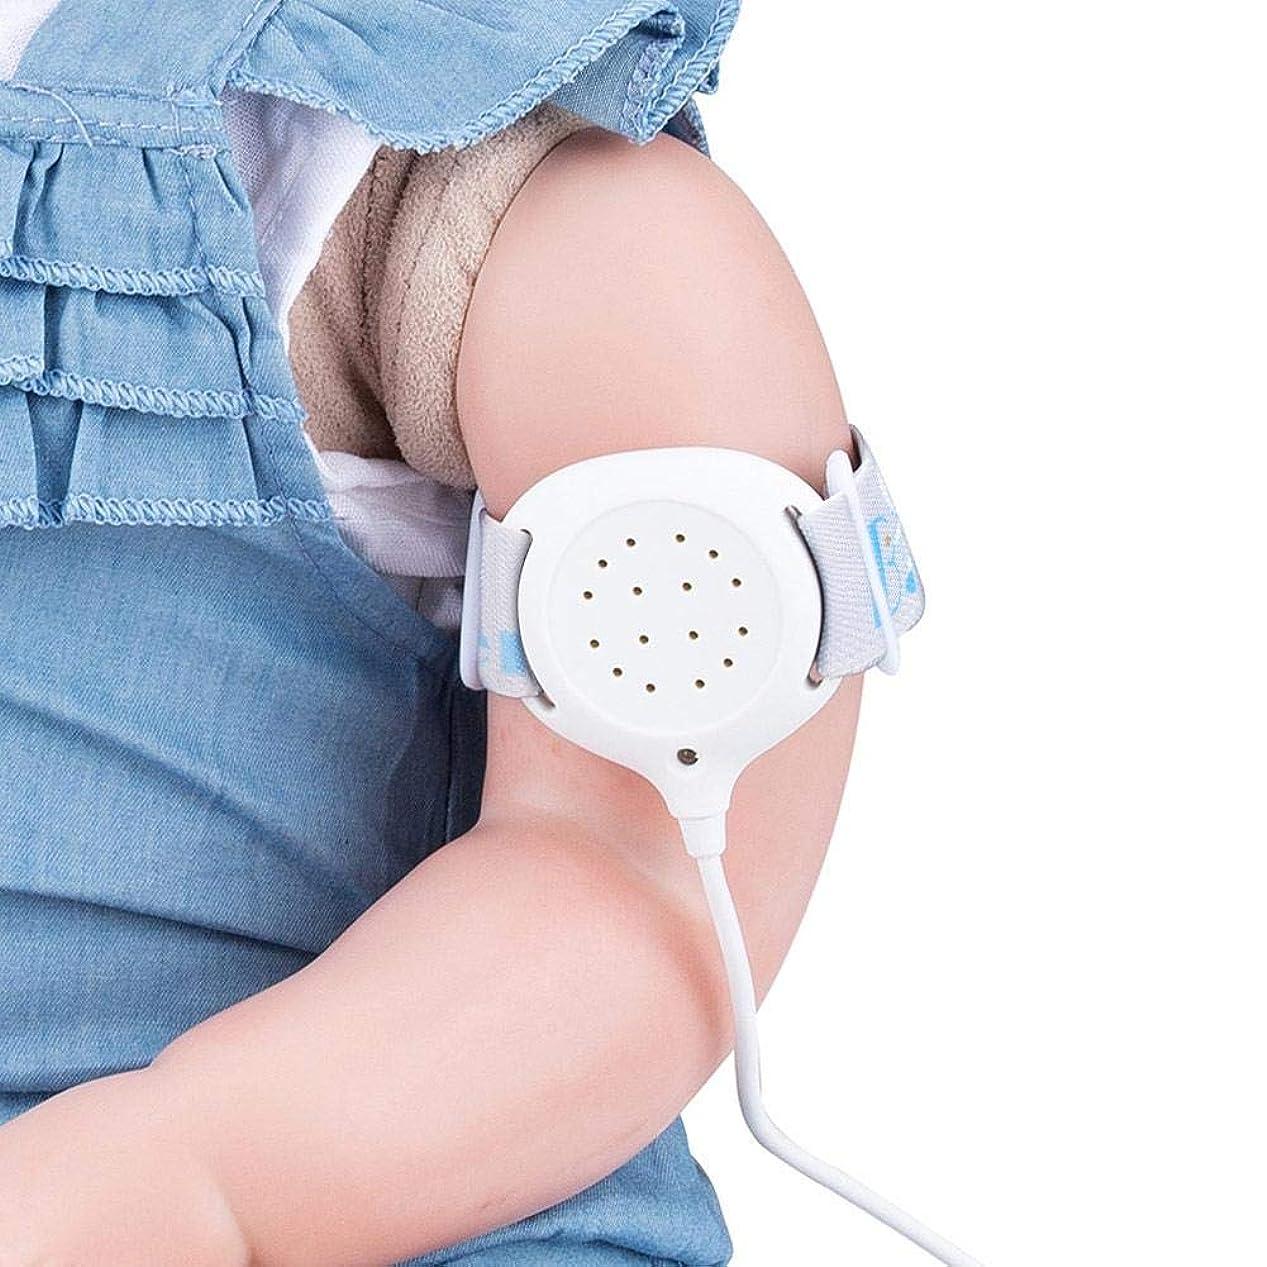 クリーナーテクスチャー専らおねしょアラーム 赤ちゃん用 おねしょ対策 介護用 おねしょ改善 トイレトレーニング 夜尿症アラーム